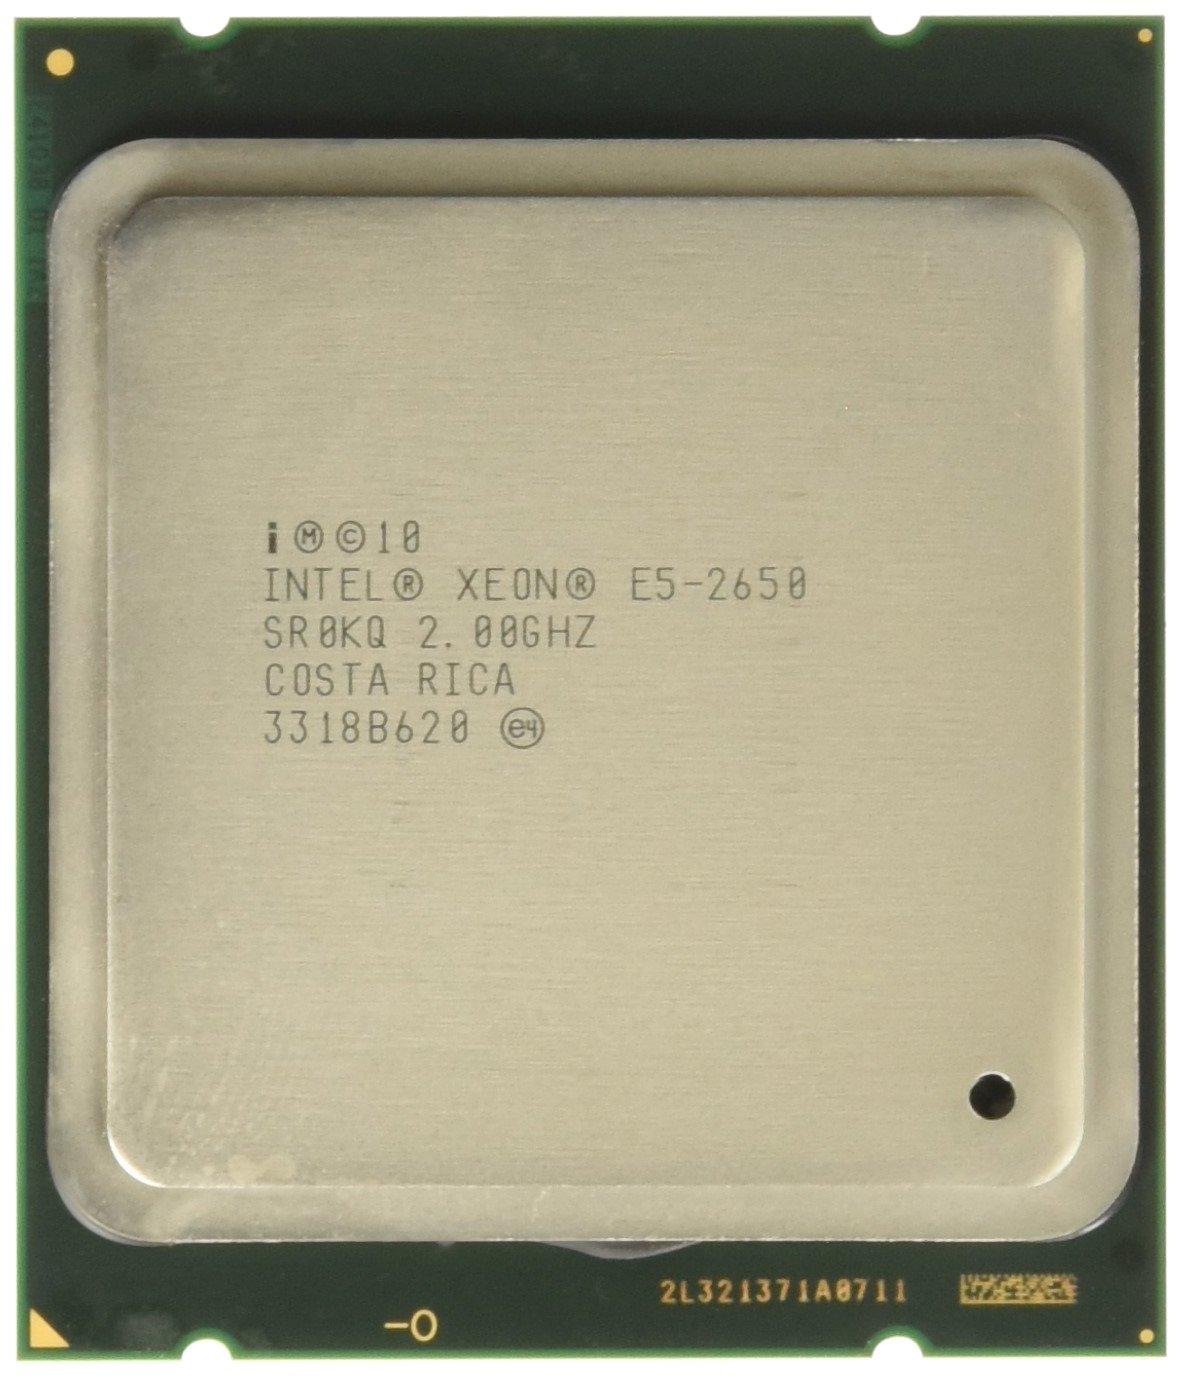 Intel Xeon ® ® Processor E5-2650 (20M Cache, 2.00 GHz, 8.00 GT/s ® QPI) 2GHz 20MB Smart Cache Caja - Procesador (2.00 GHz, 8.00 GT/s Intel® QPI), ...